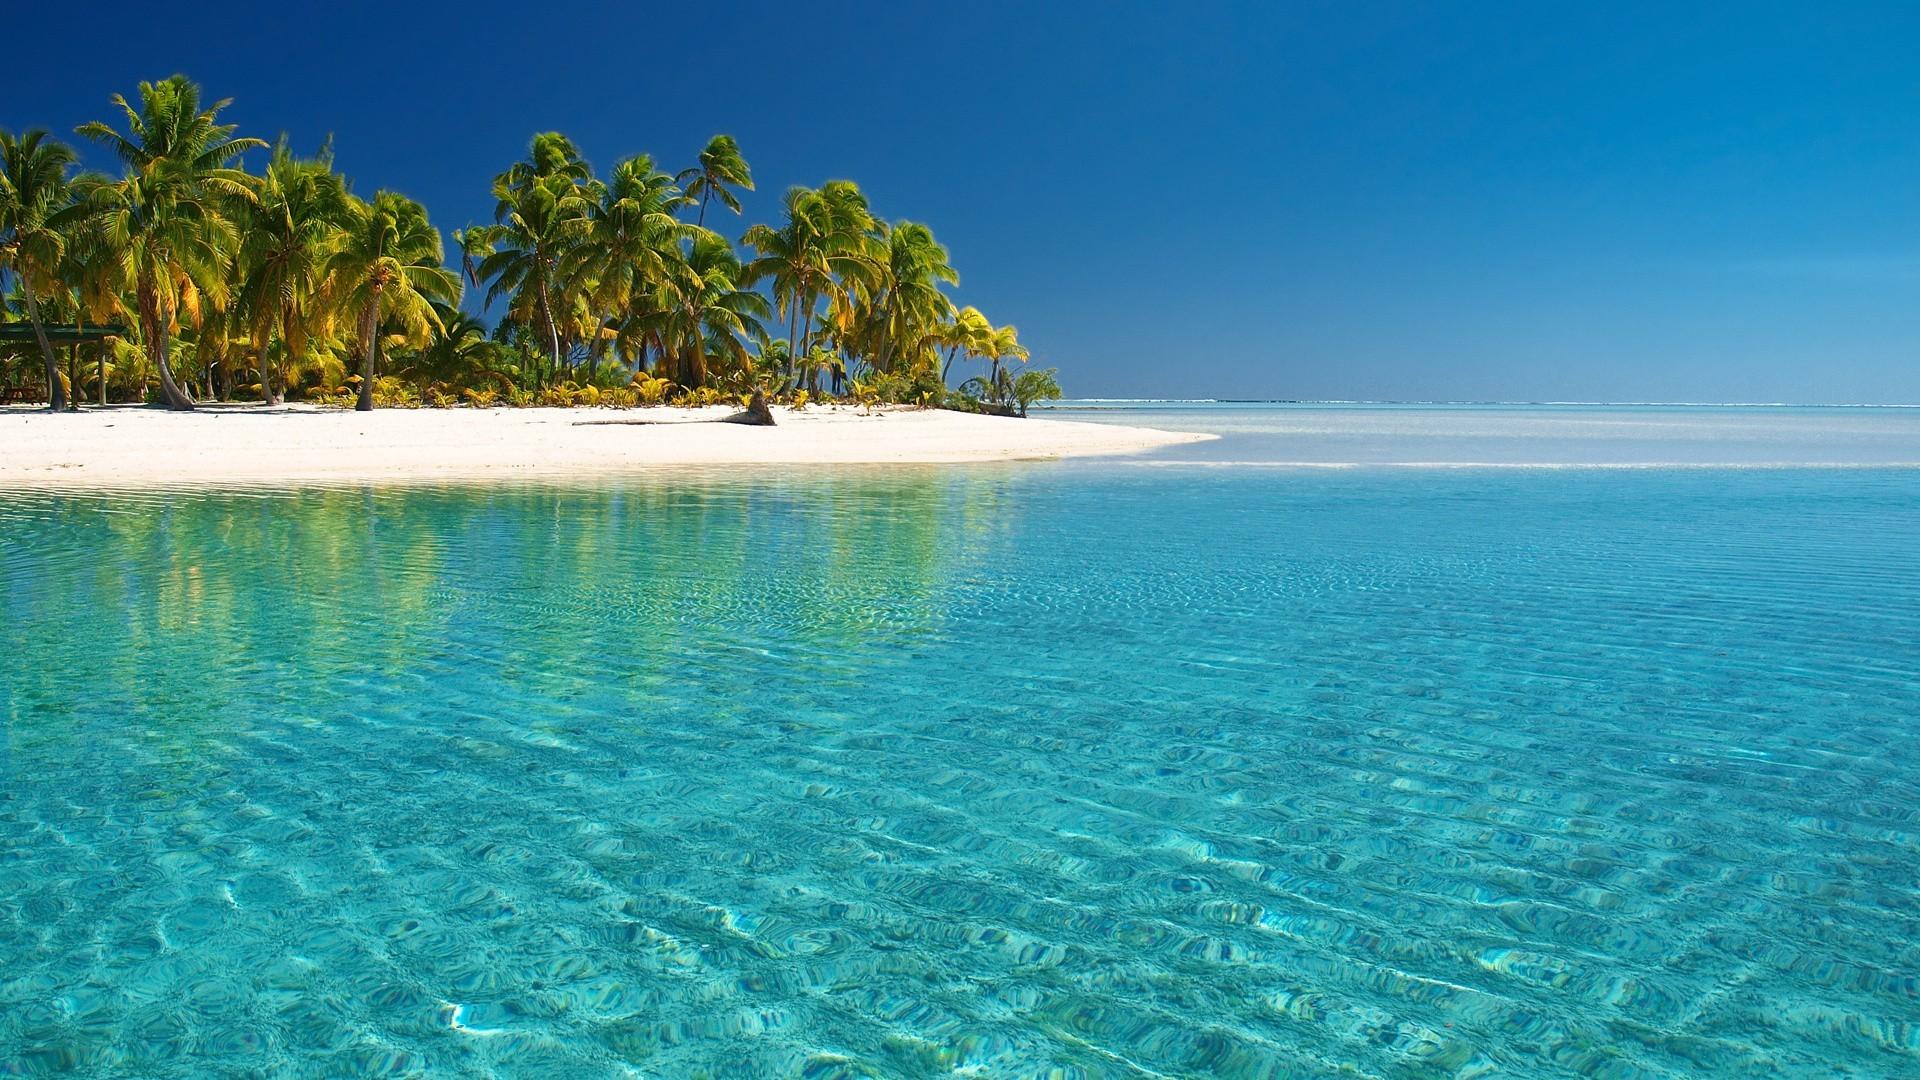 47902 скачать Бирюзовые обои на телефон бесплатно, Пейзаж, Море, Пляж Бирюзовые картинки и заставки на мобильный